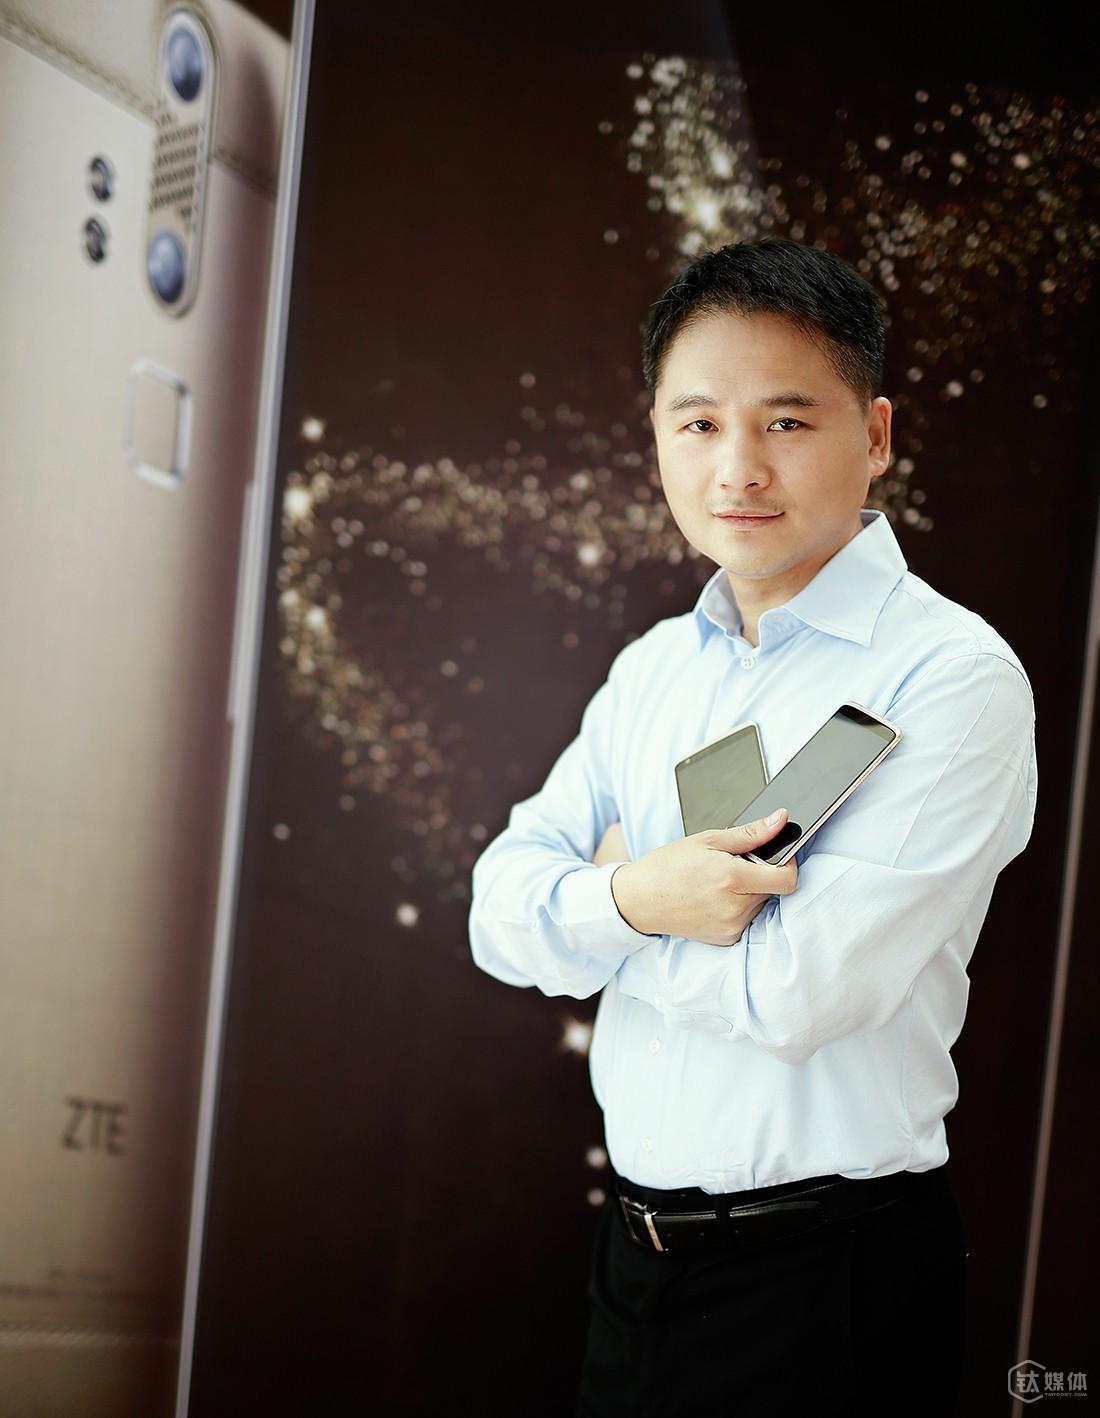 中兴通讯执行副总裁、终端CEO兼首席体验官